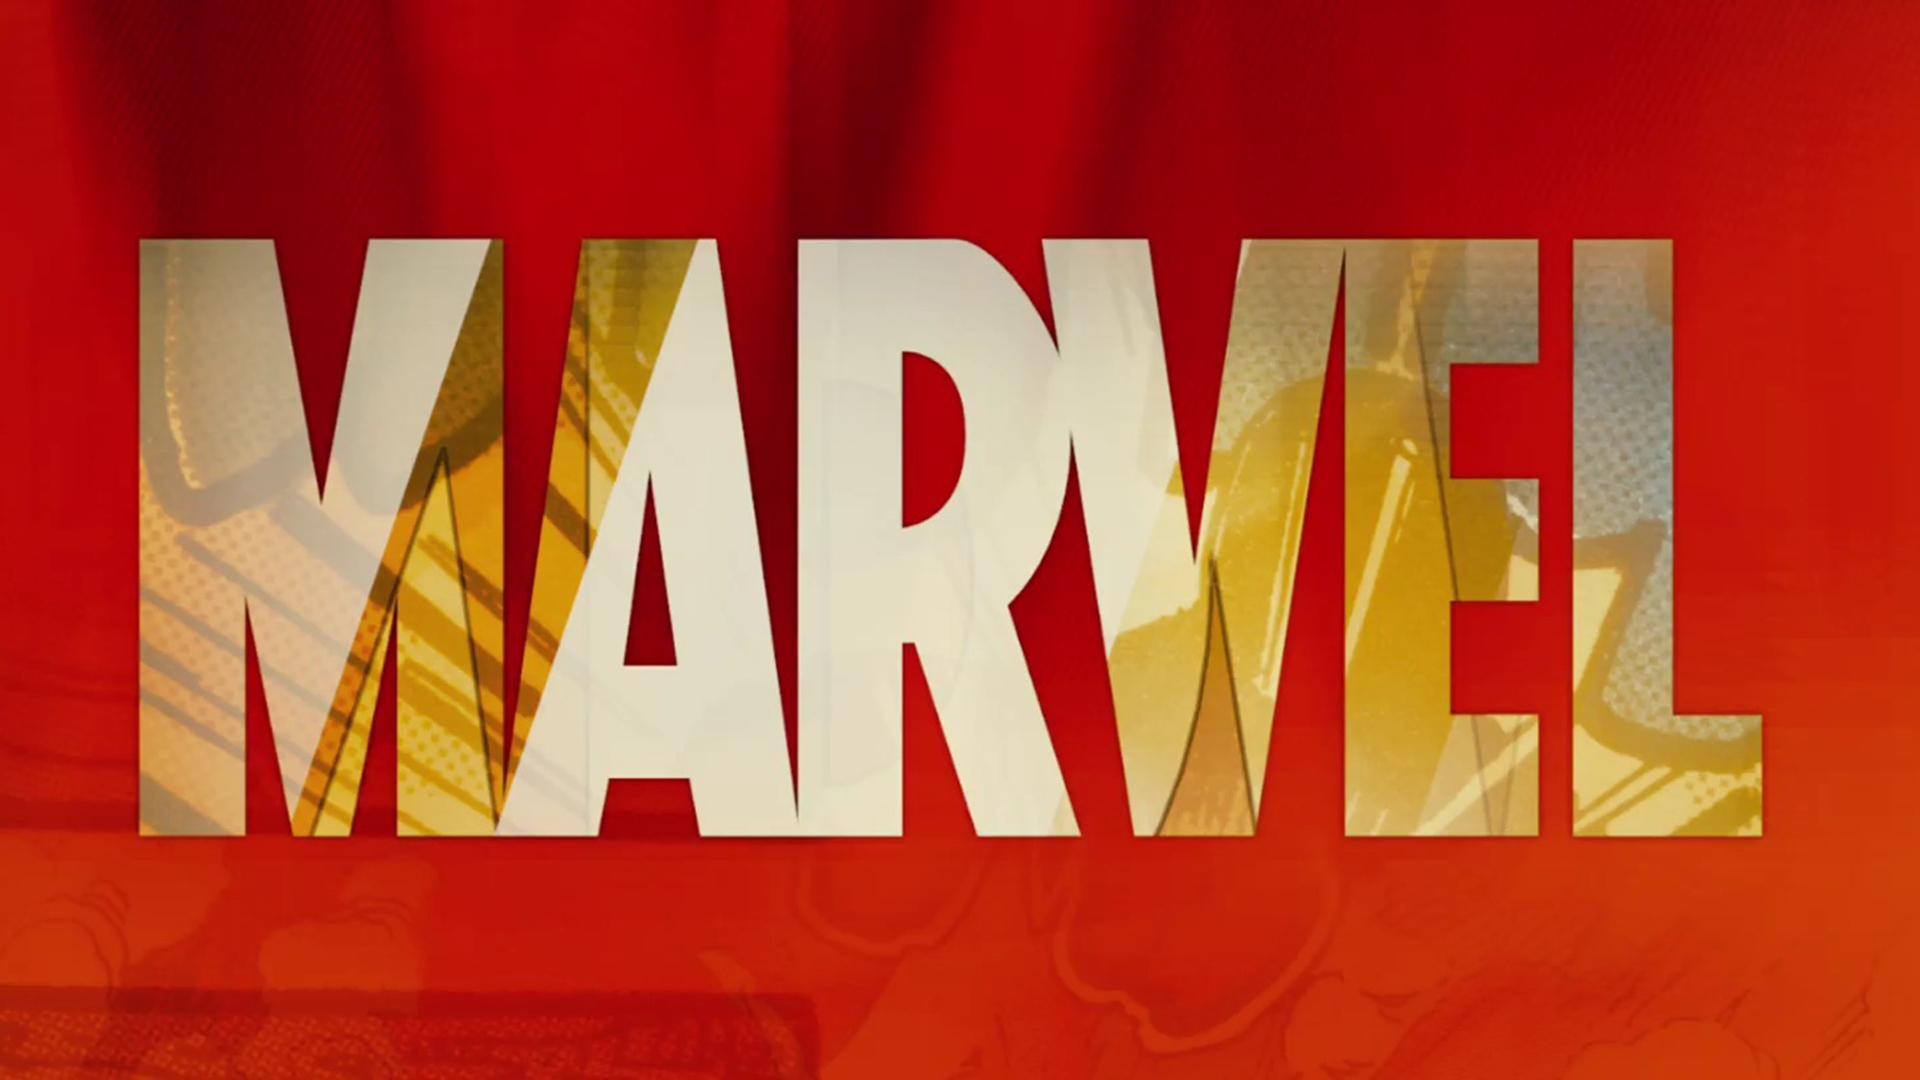 Marvel Logo wallpaper   601840 1920x1080